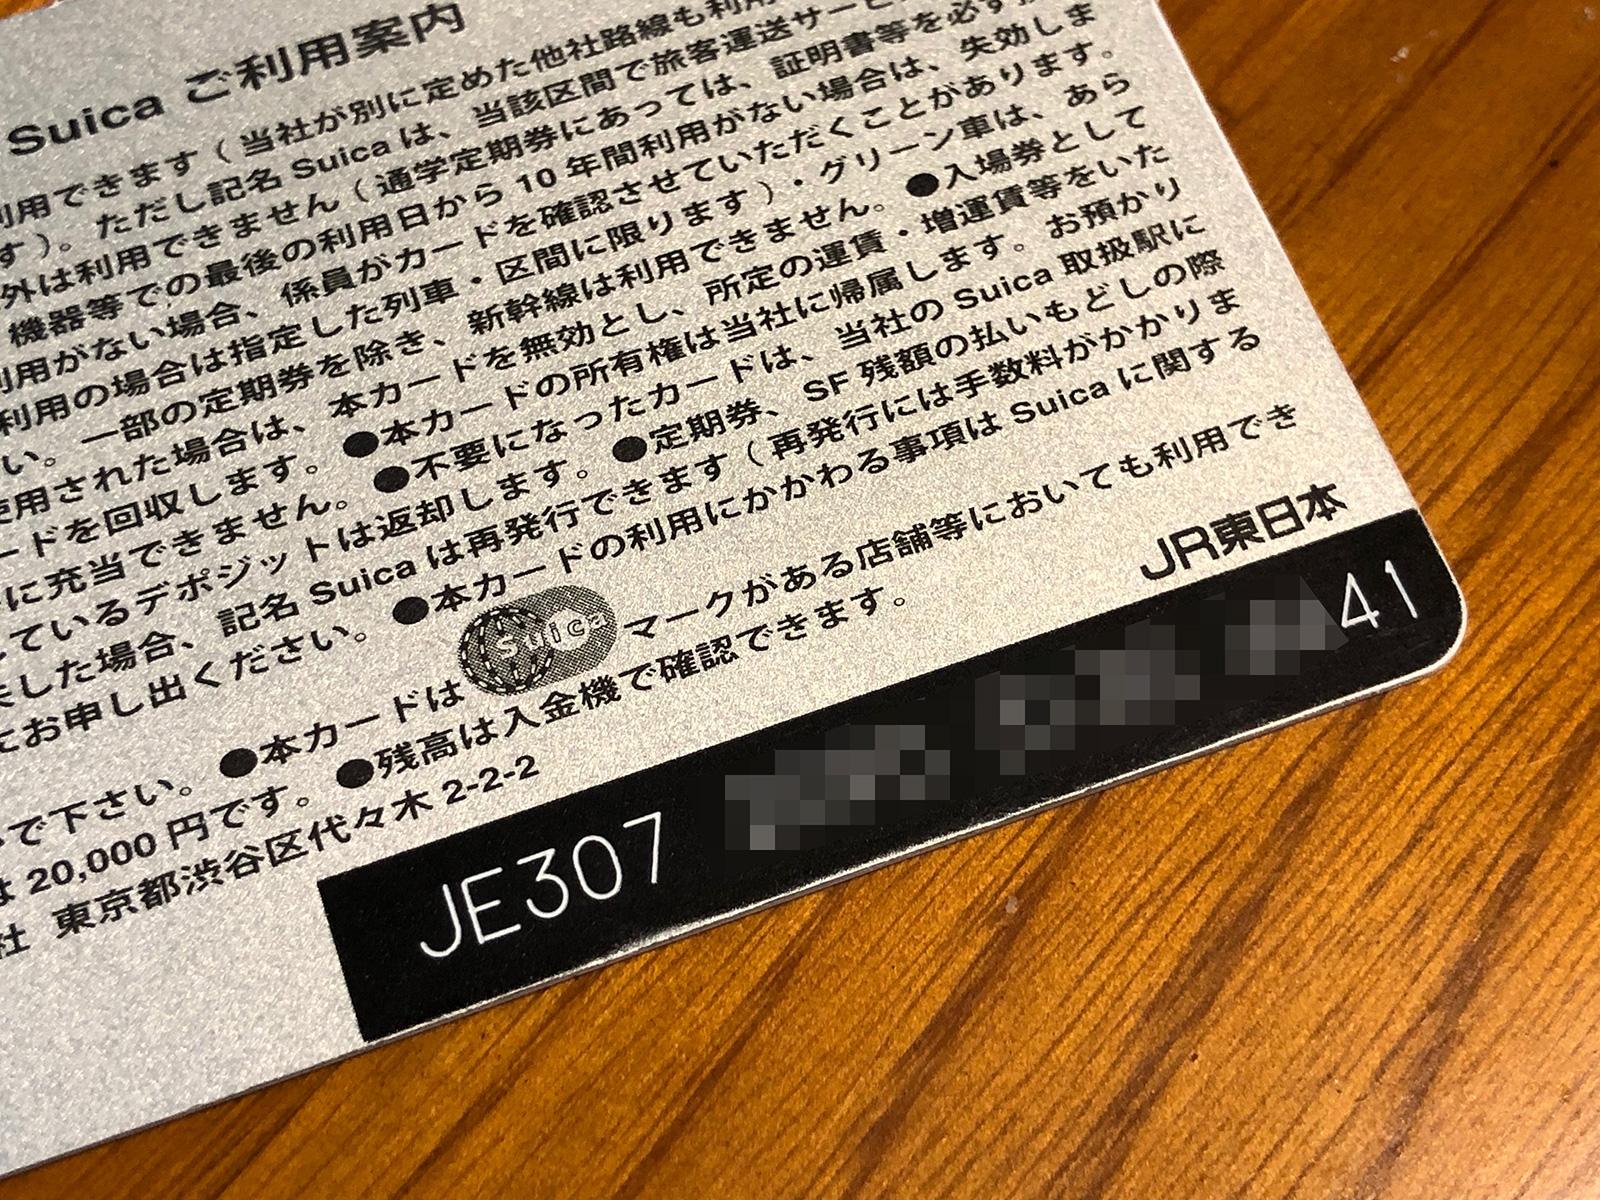 Número de la tarjeta Suica que tienes que registrar